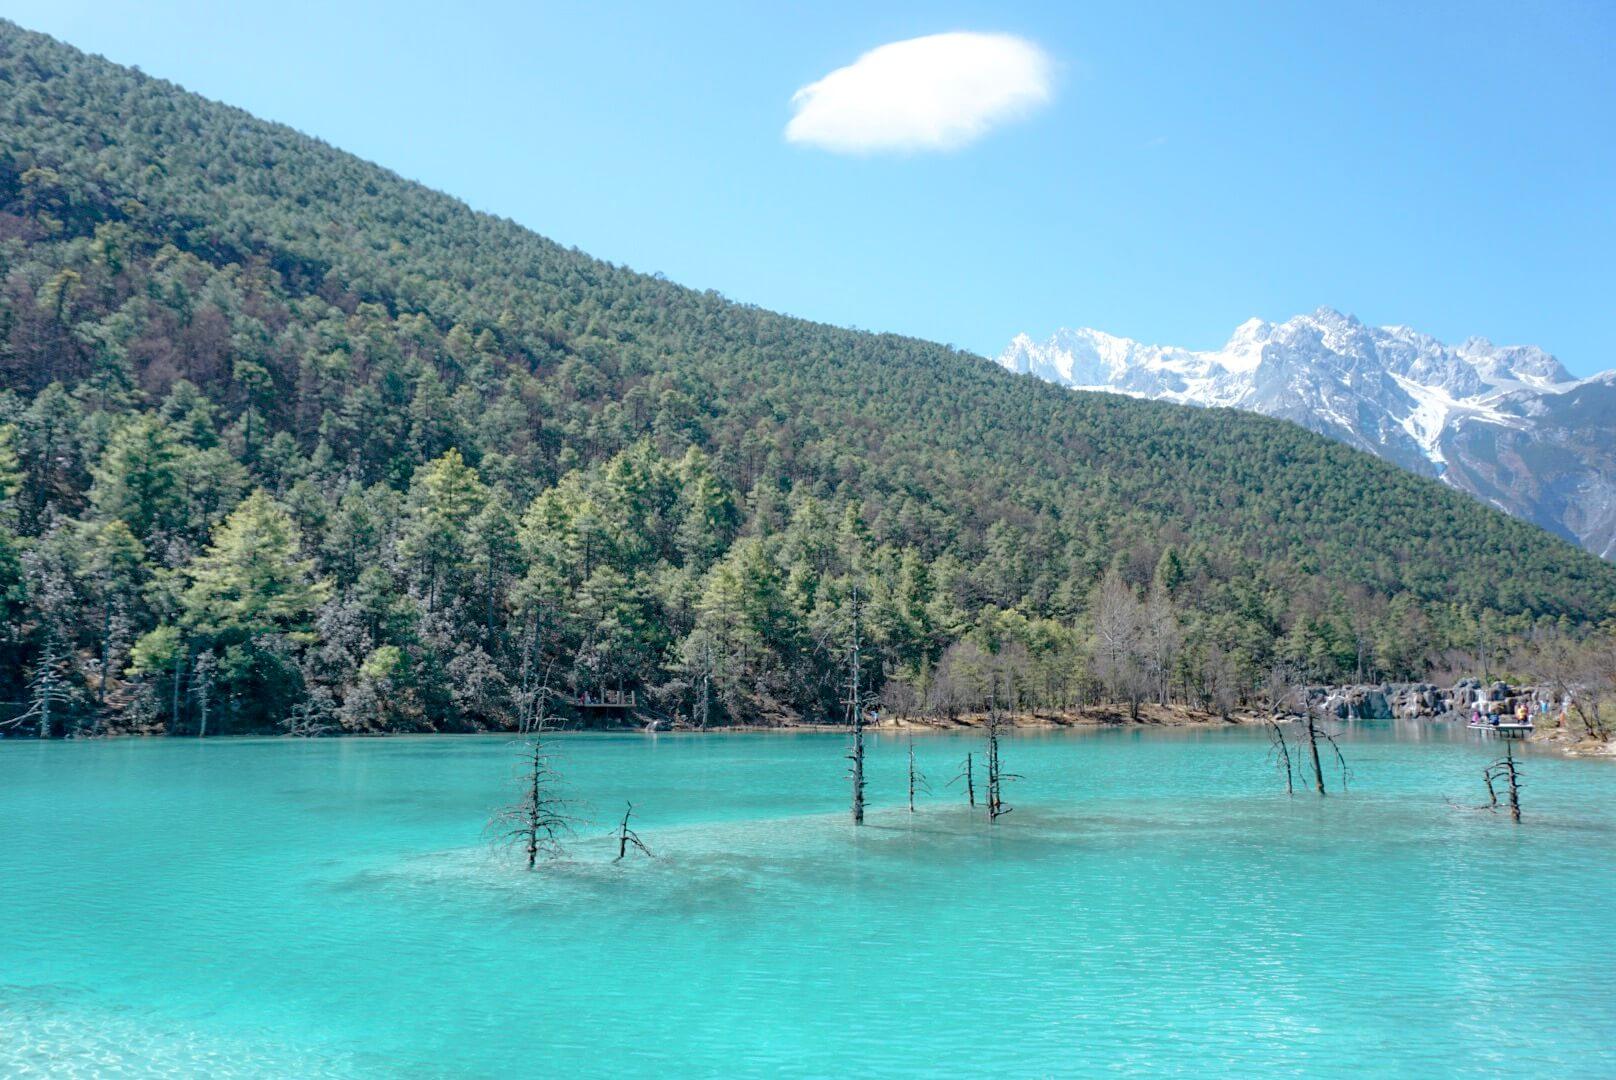 Eau turquoise lace montagne dragon de jade Yunnan